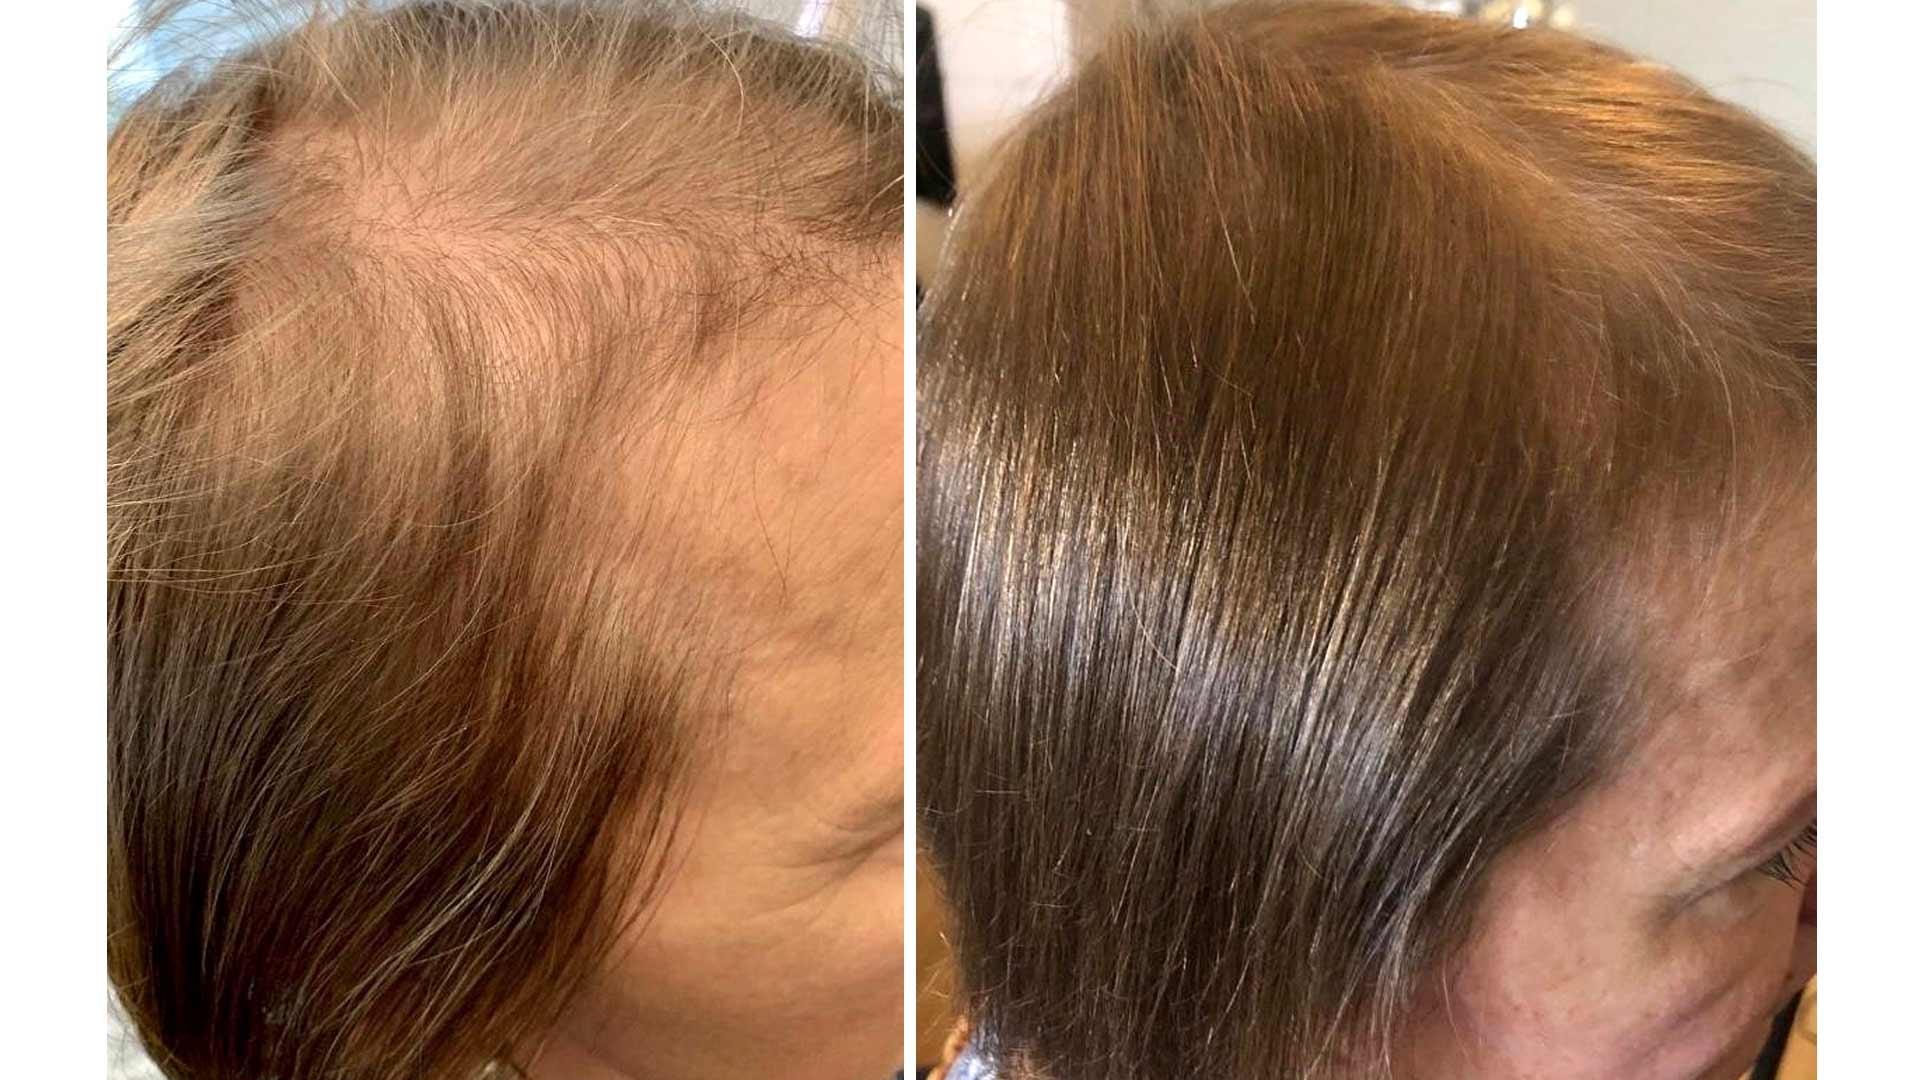 Hiukset ennen ja jälkeen.